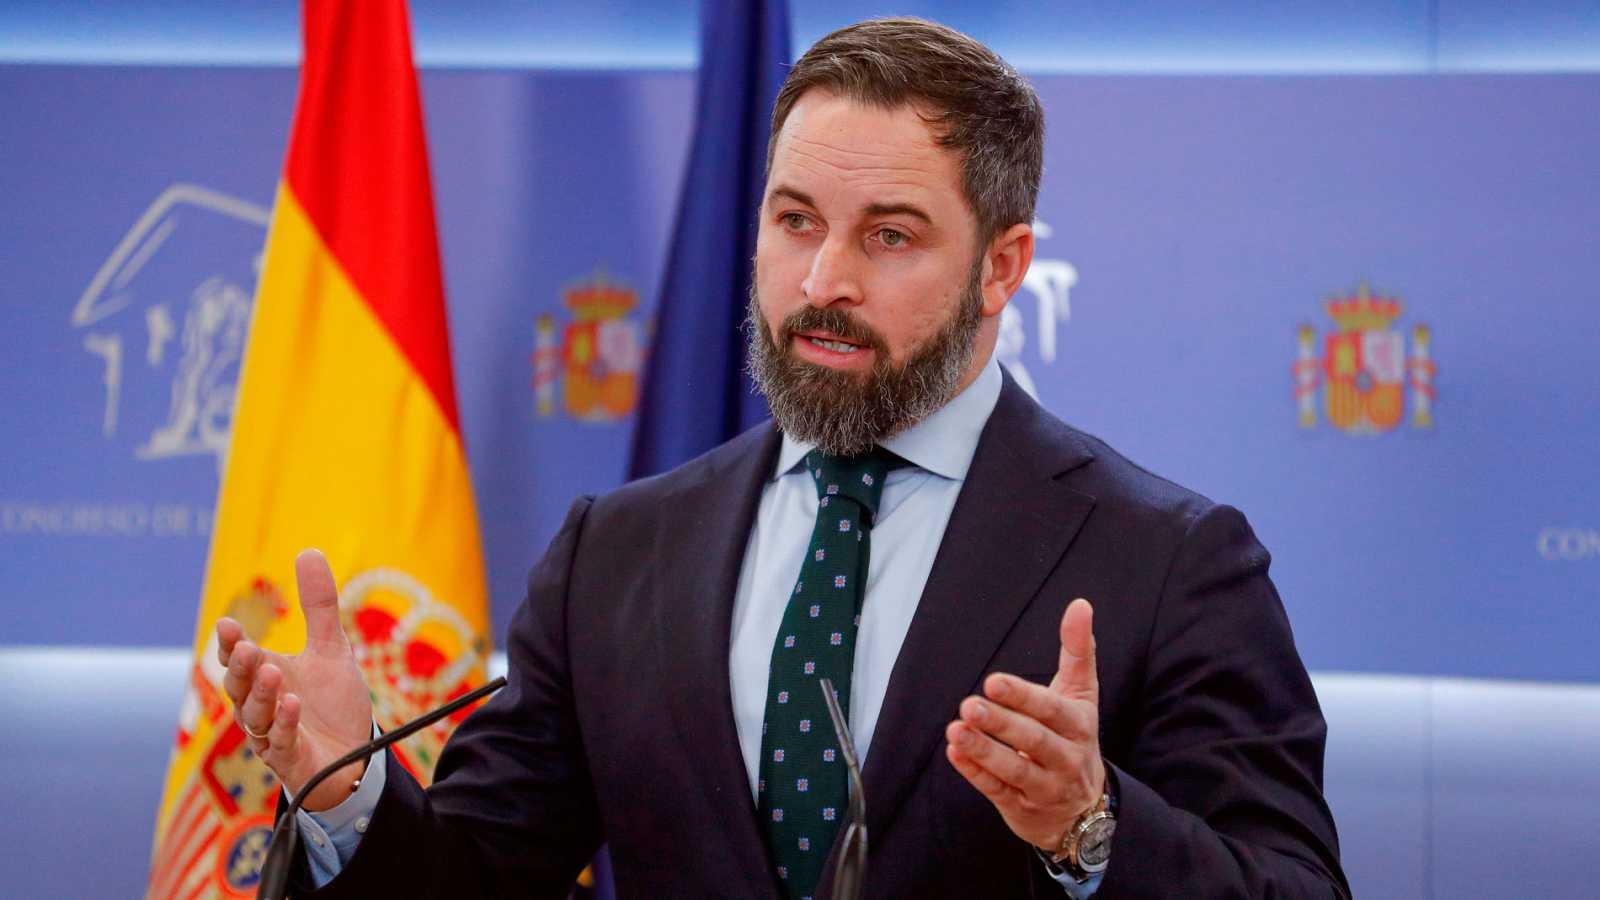 El presidente de Vox, Santiago Abascal, durante una rueda de prensa en el Congreso